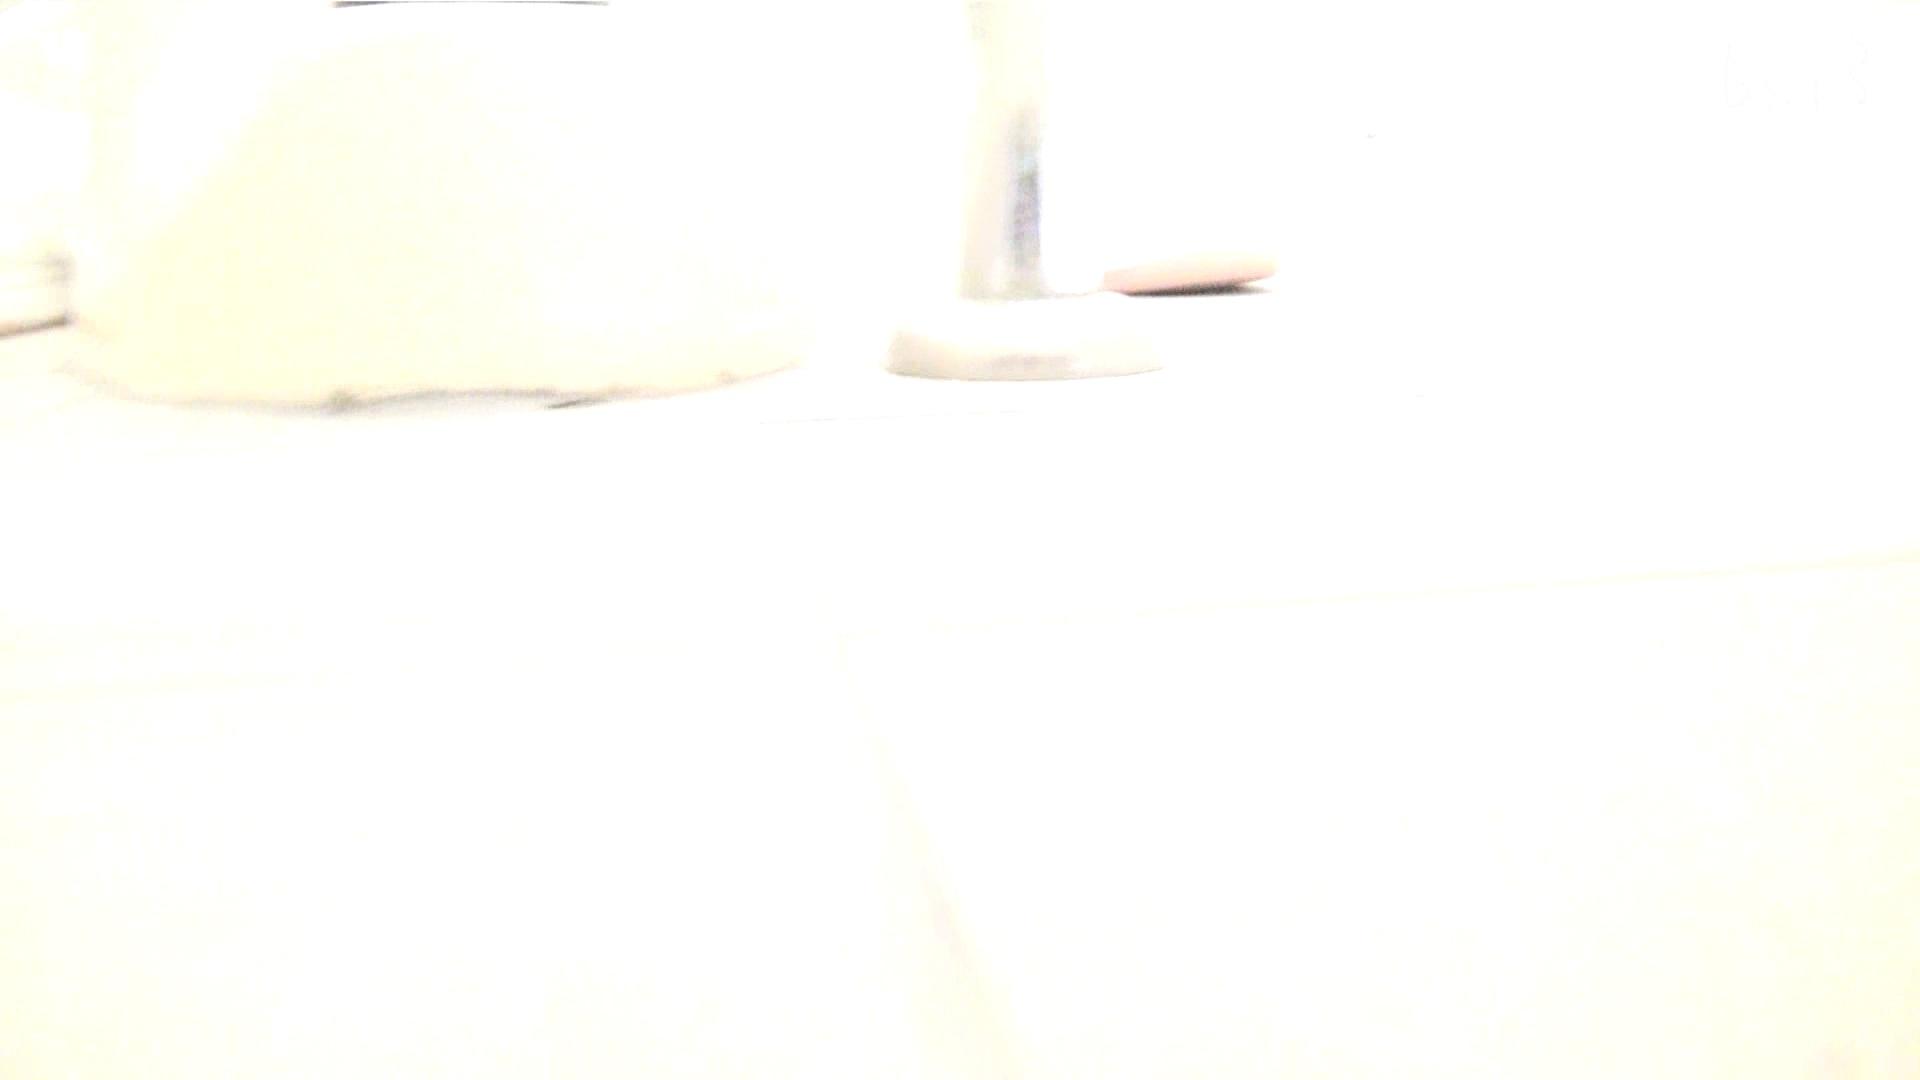 ナースのお小水 vol.003 ぱっくり下半身  59画像 42